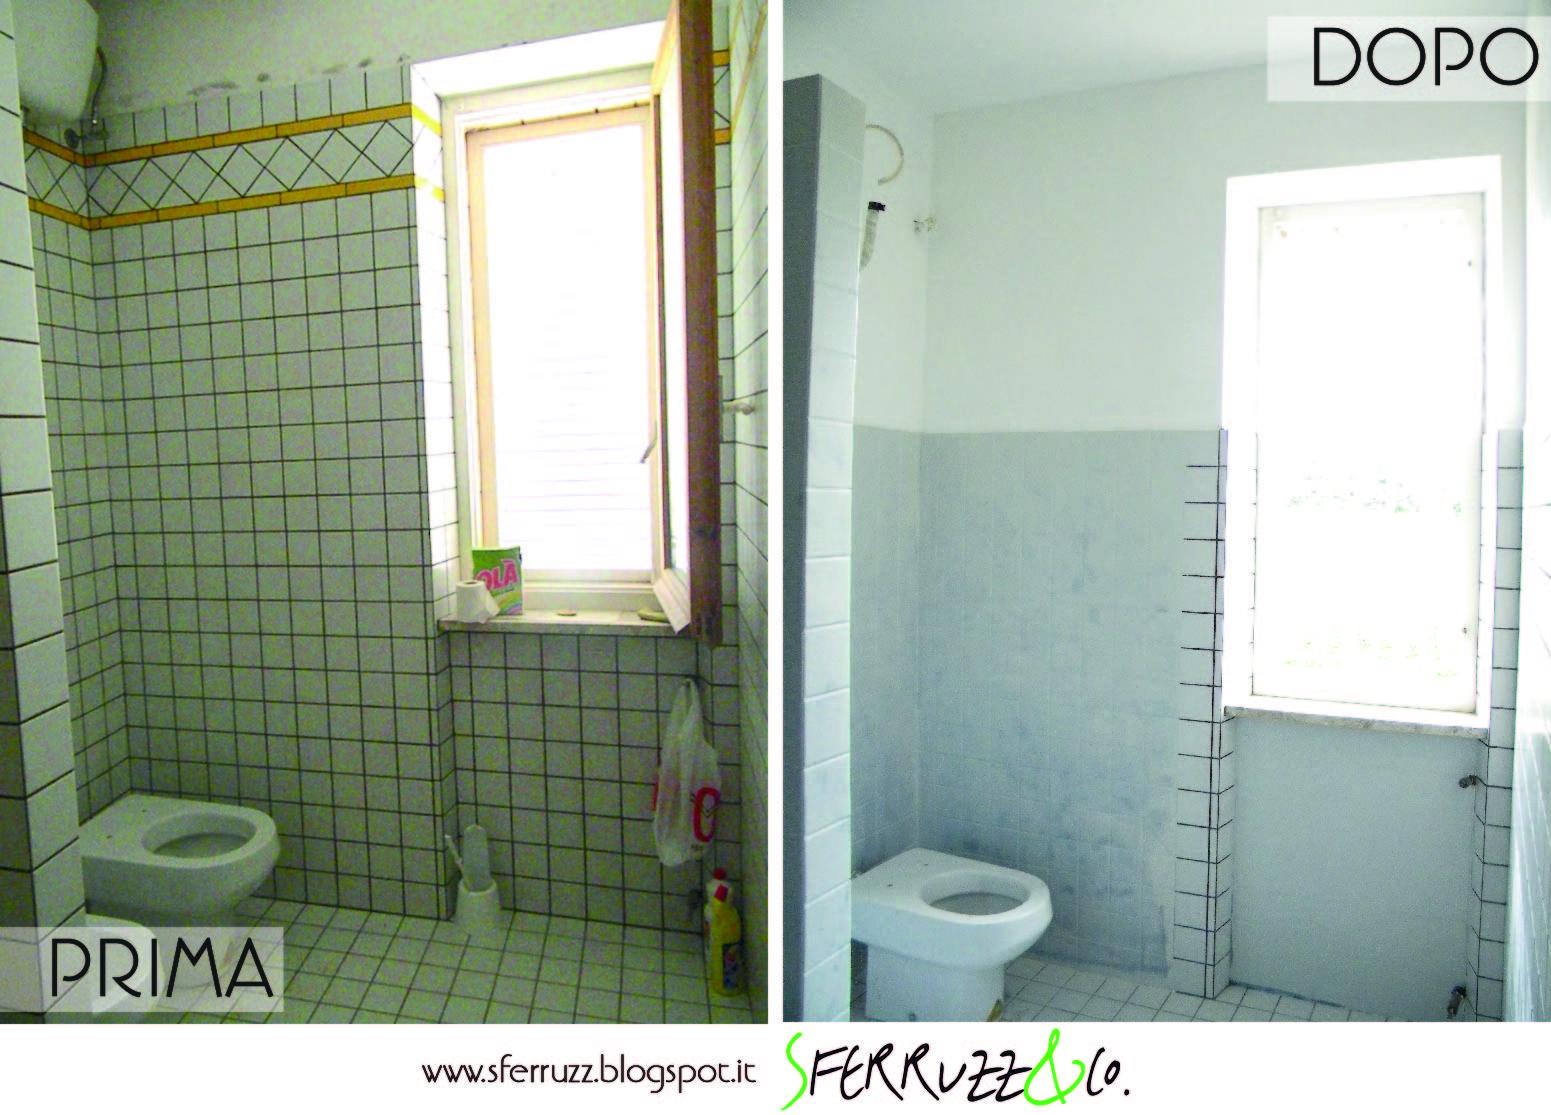 Sferruzz co t g house il bagno blu makeover parte 1 - Pitturare piastrelle bagno ...